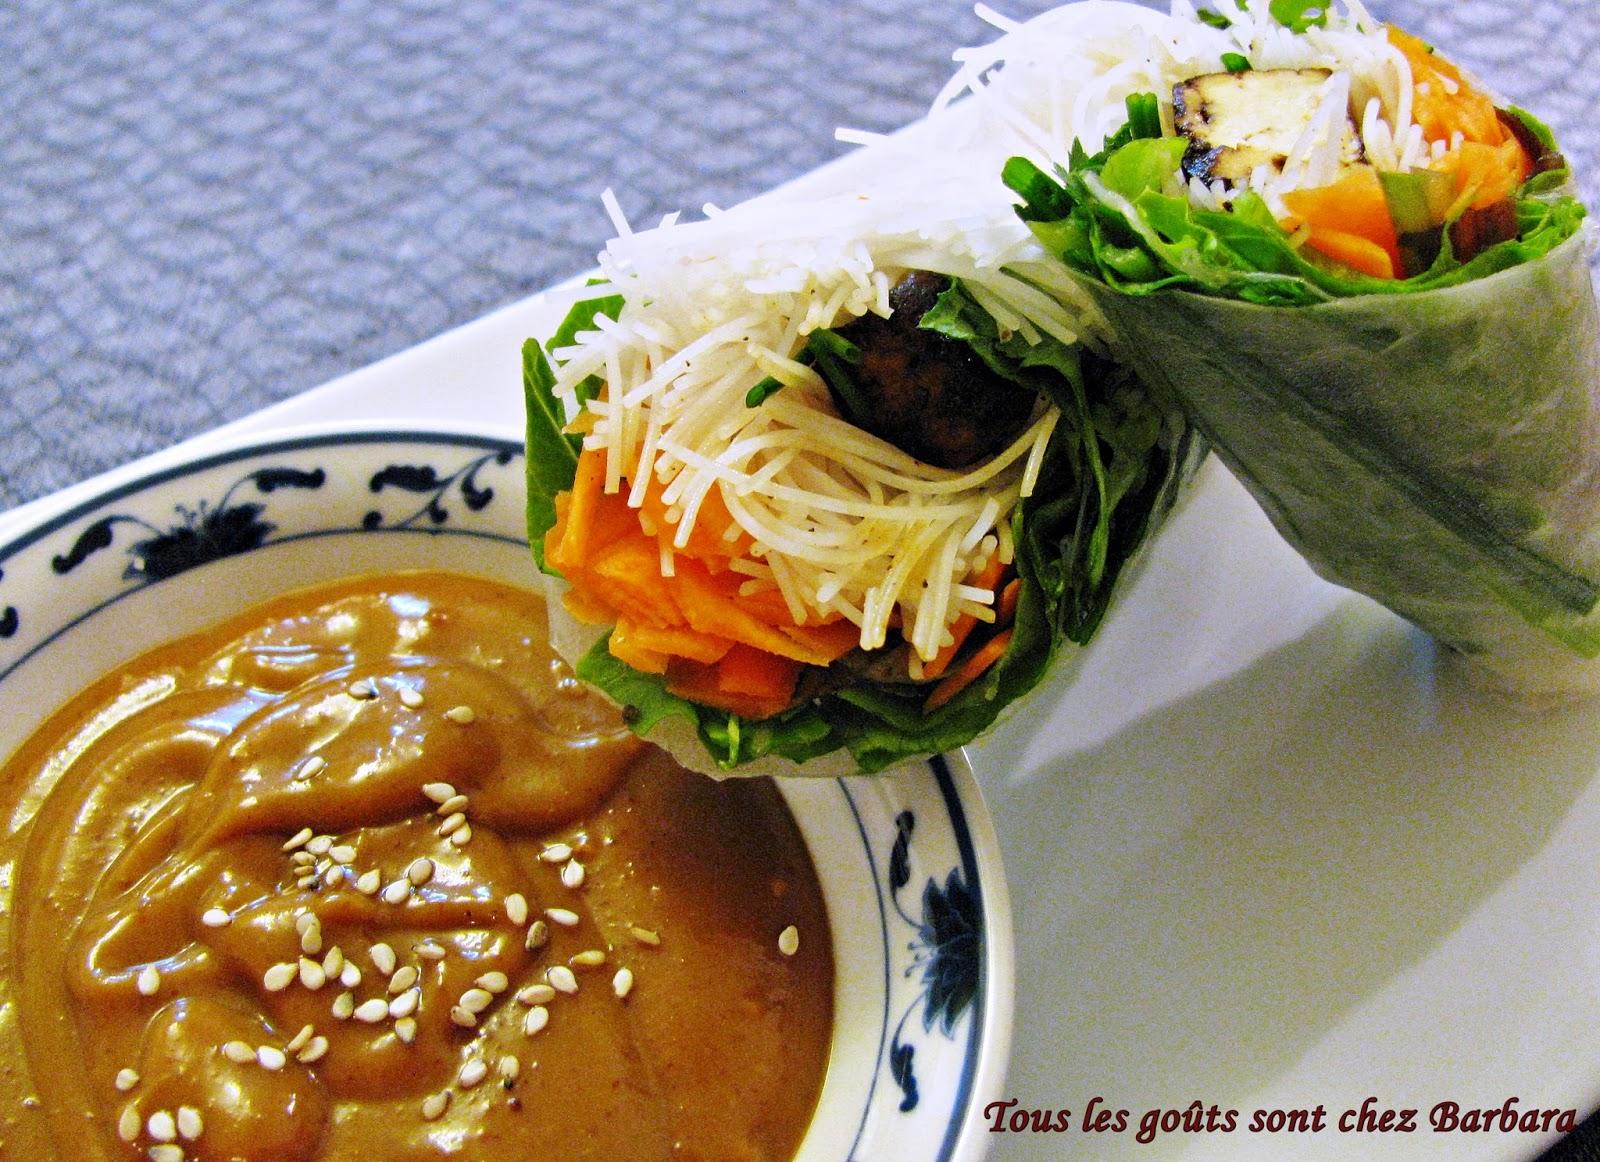 Tous les go ts sont chez barbara rouleaux de printemps au tofu marin et leur sauce au beurre d - Comment griller des arachides ...